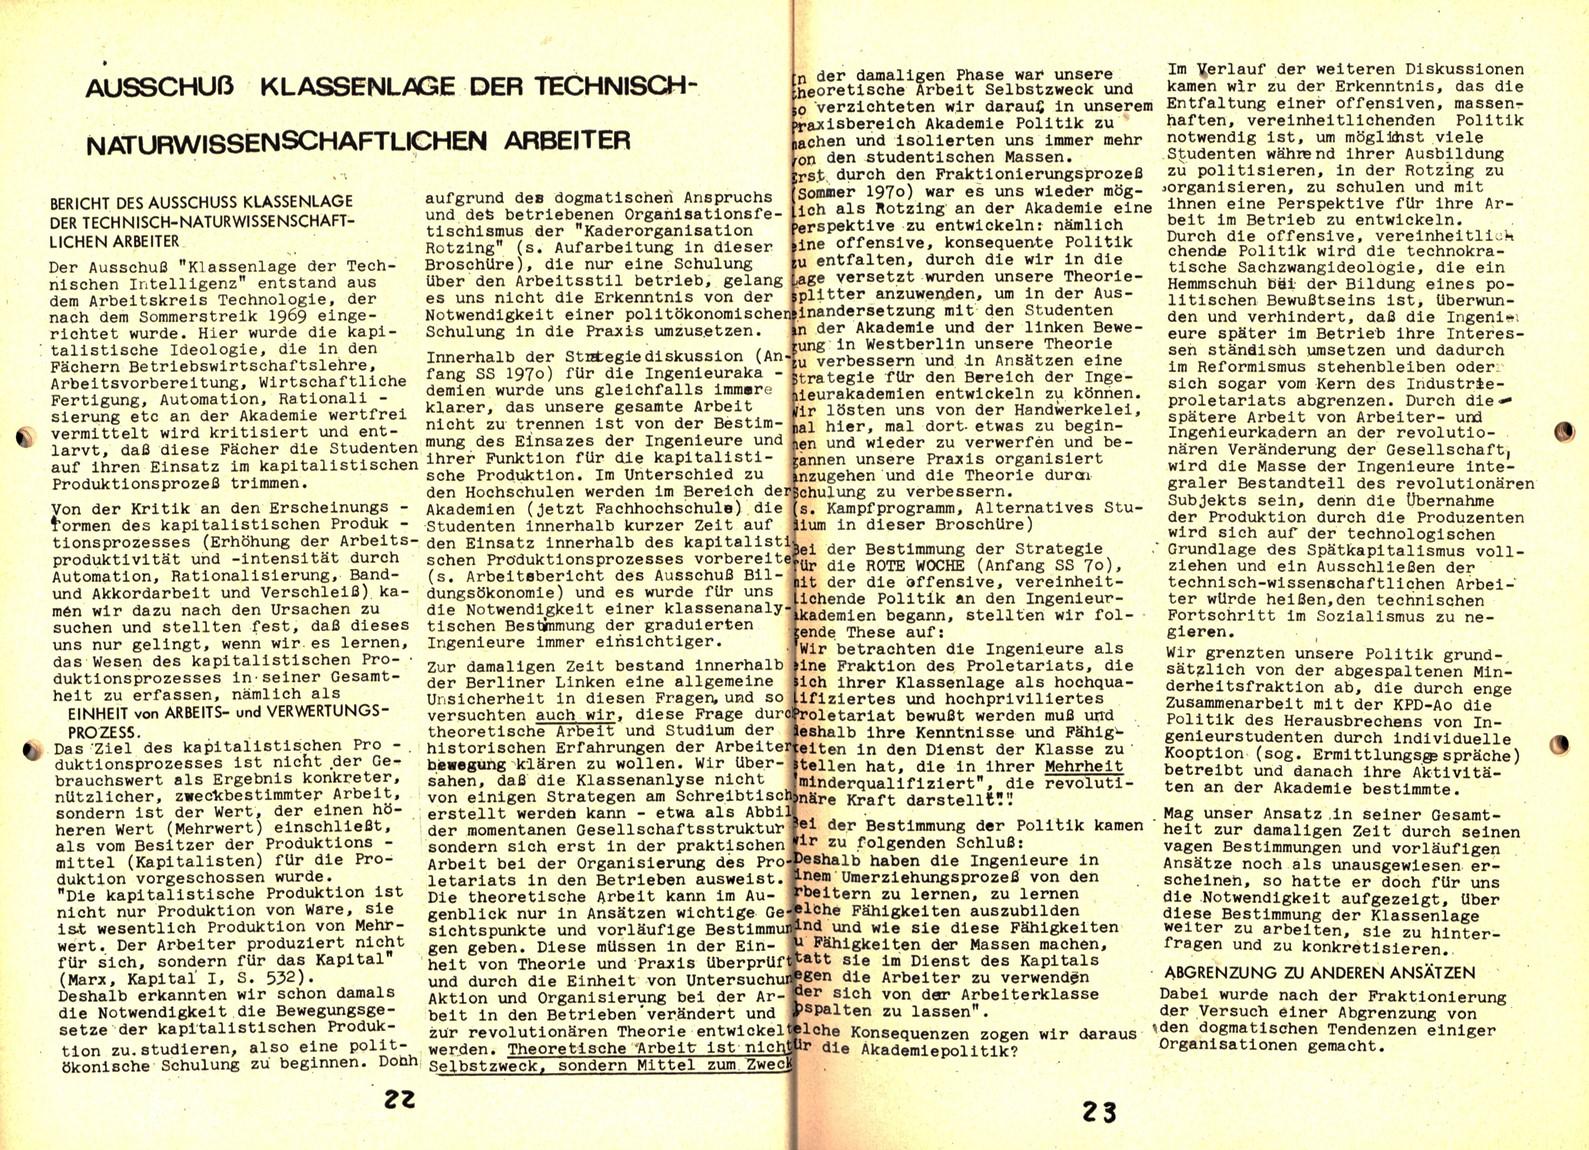 Berlin_Rotzing_1971_Kampfbericht_12